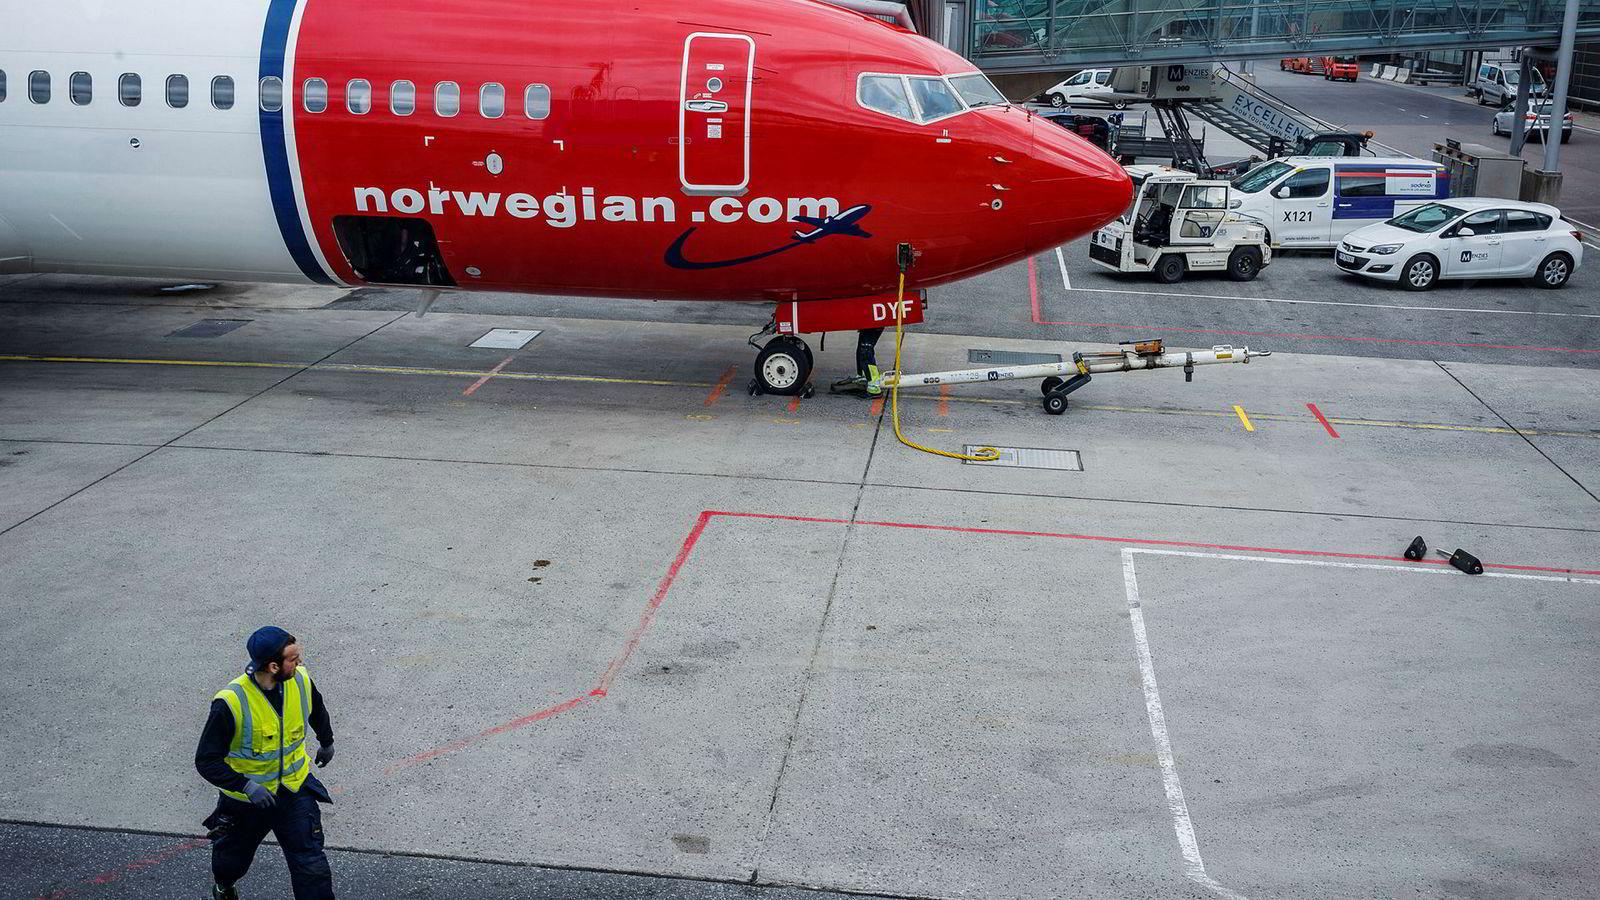 En spansk næringslivsavis hevder å ha anonyme kilder hos British Airways-eier IAG, som mener IAG og/eller andre aktører på nytt nærmer seg oppkjøp av Norwegian.